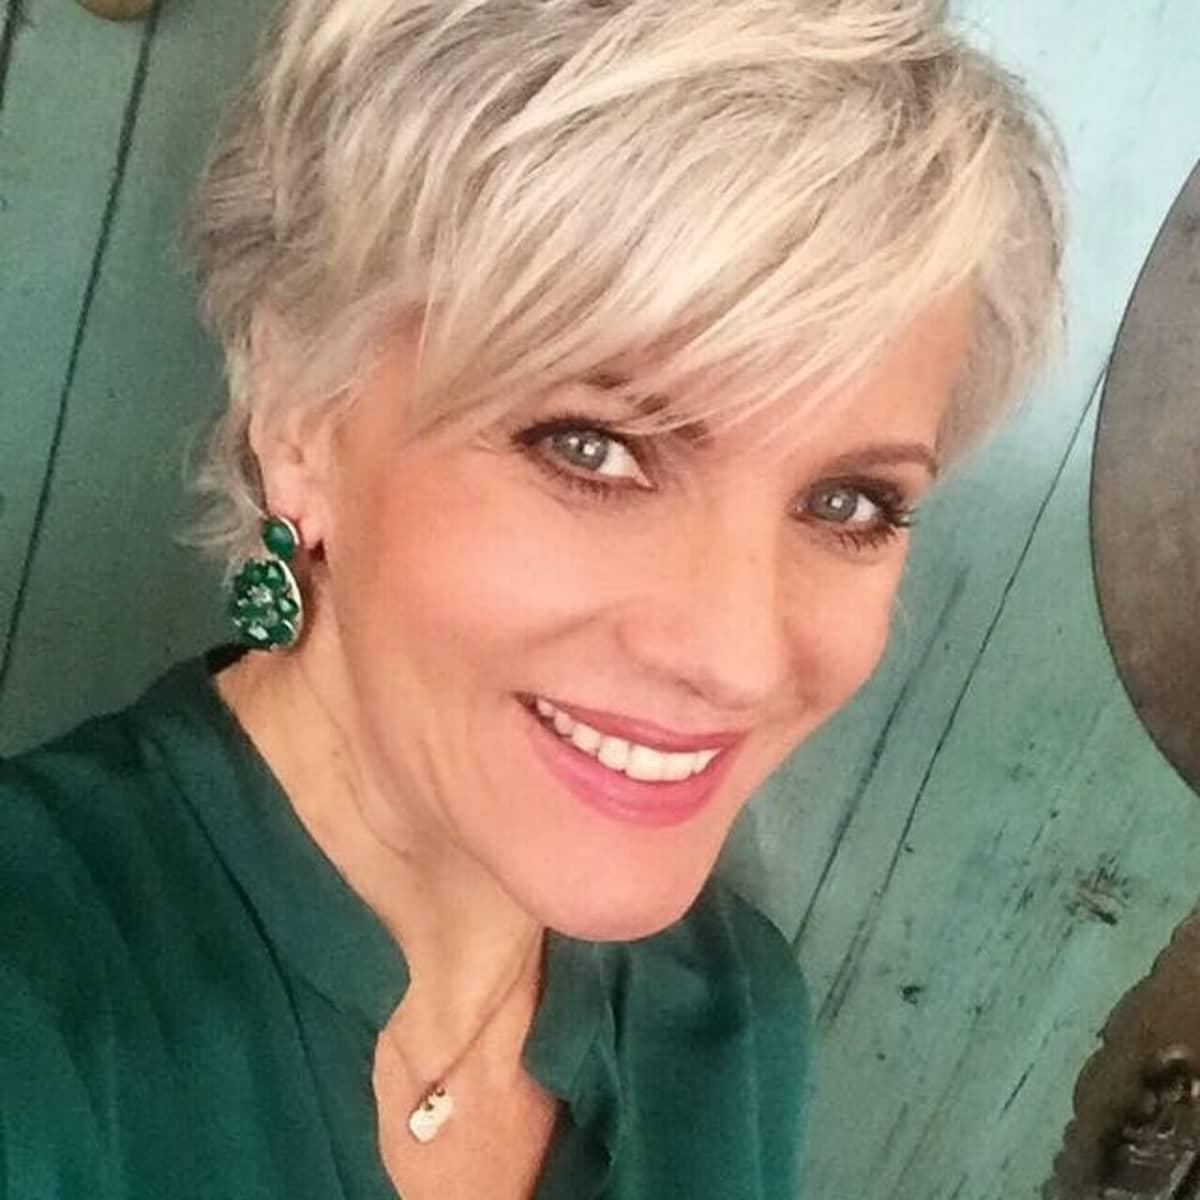 Birgit Schrowange Das Sagt Sie Zu Ihrem Neuen Look